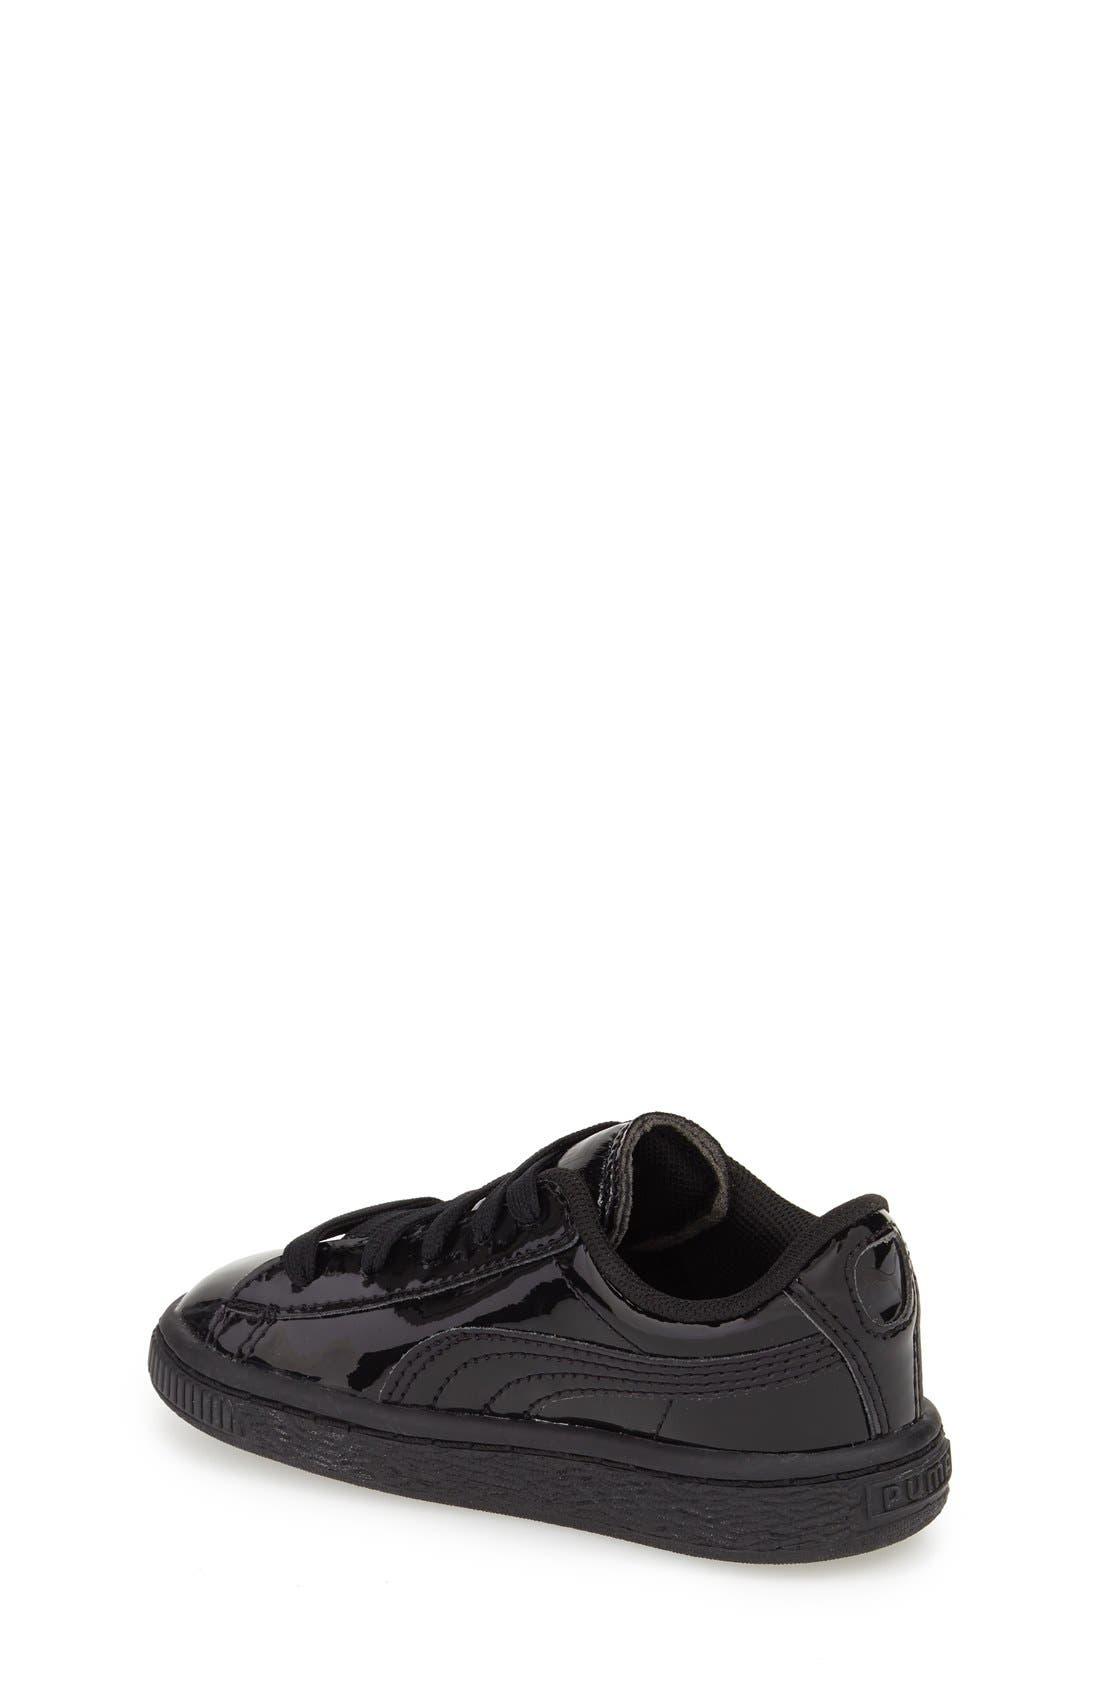 'Basket Classic' Shoe,                             Alternate thumbnail 2, color,                             001